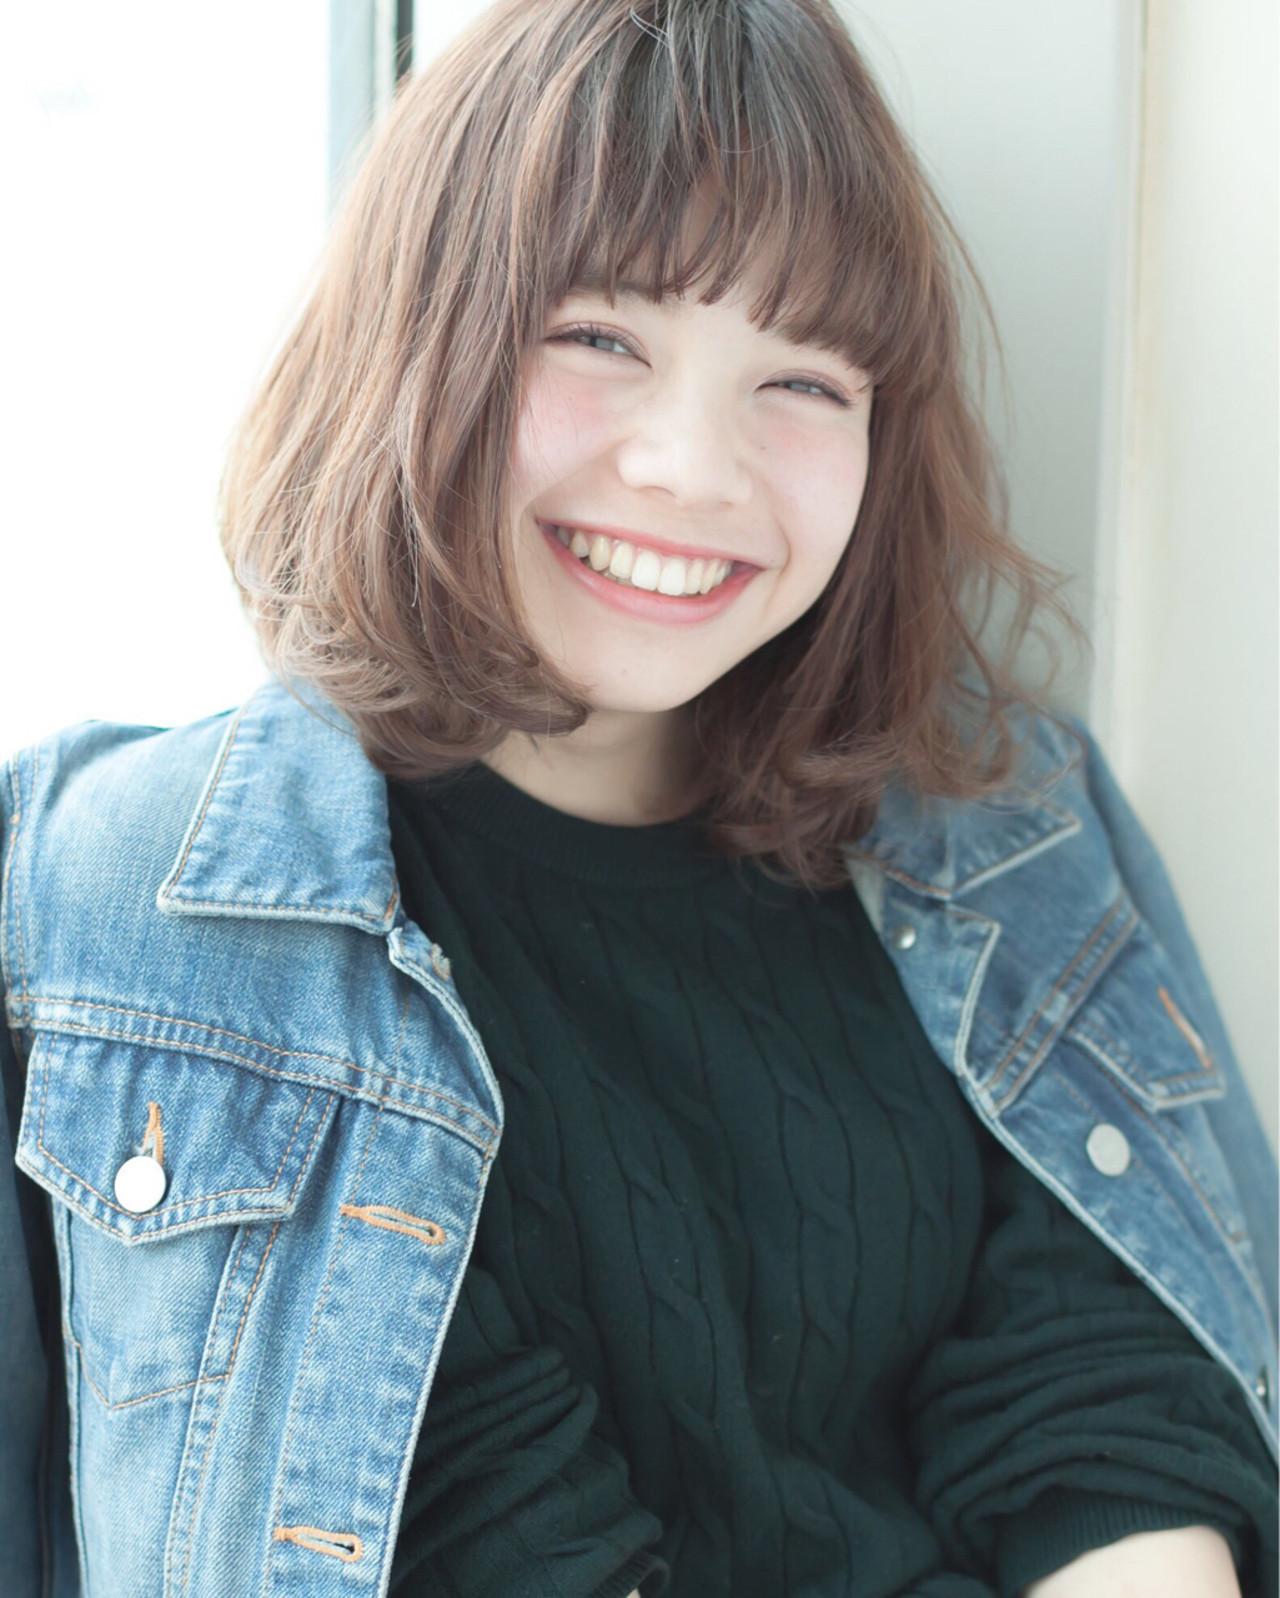 あなたにこっそり教えちゃう♡【顔が小さく見える髪型】を発表!の7枚目の画像